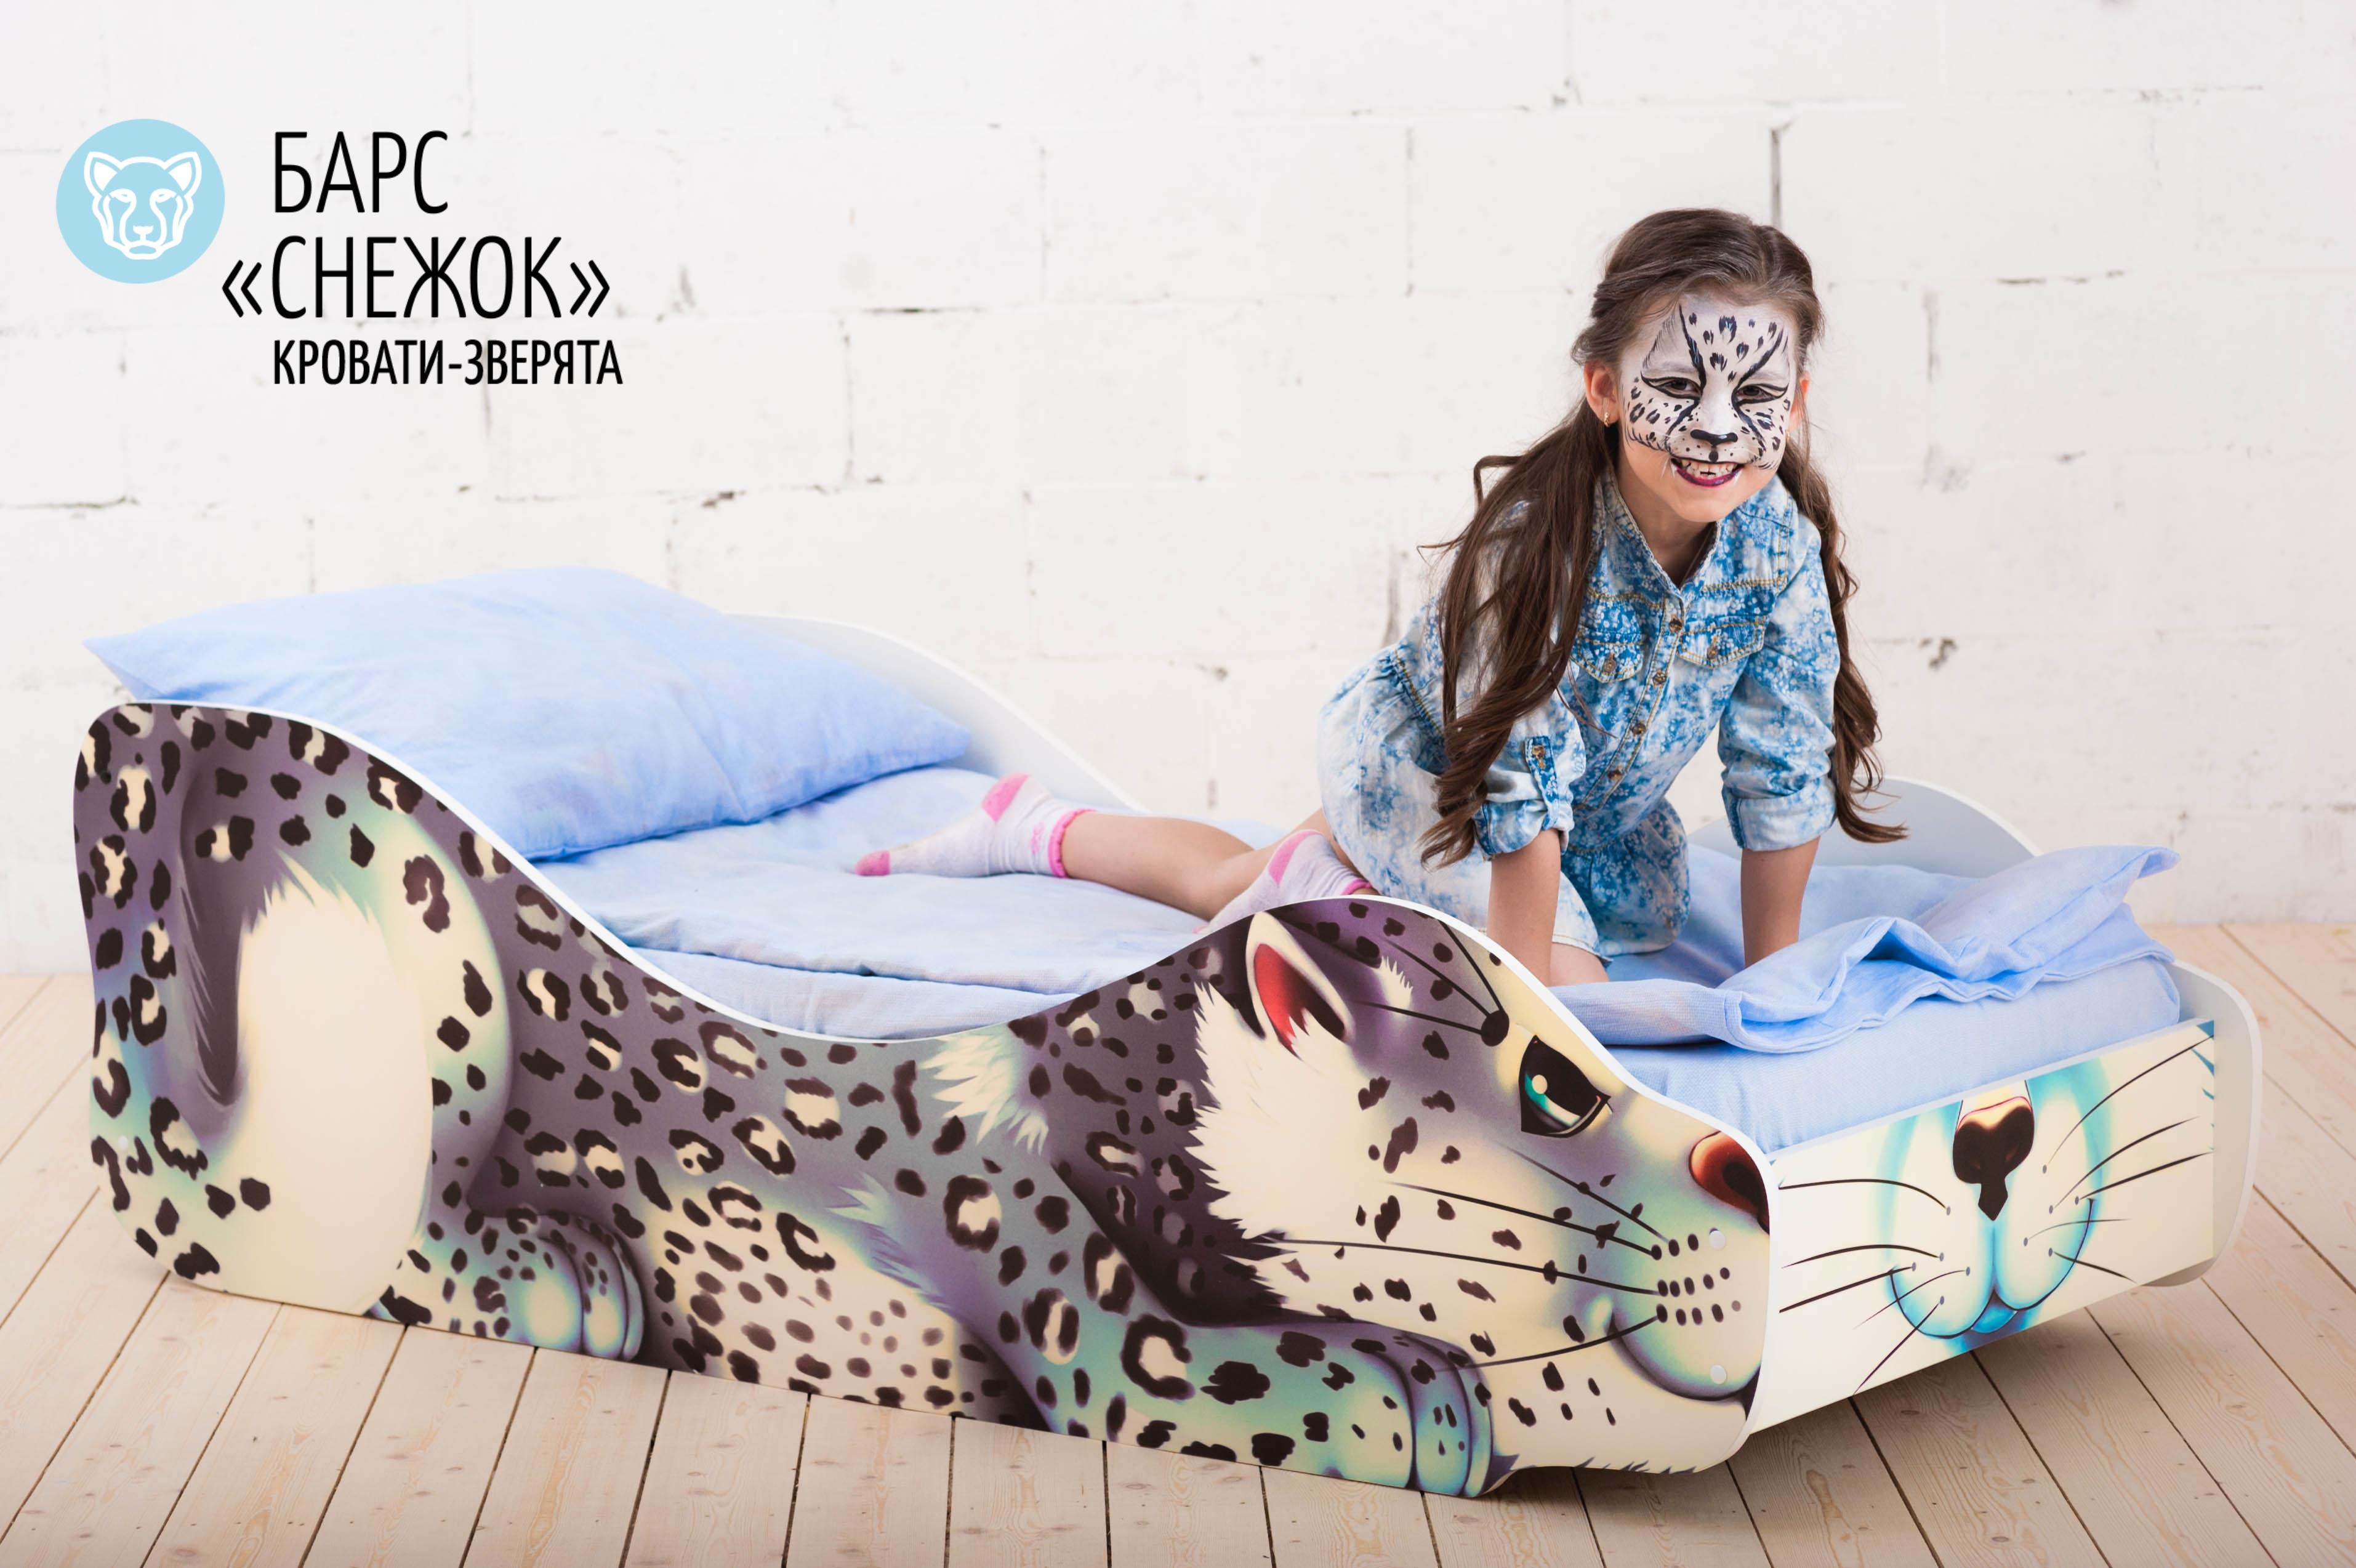 Детская кровать-зверенок -Барс-Снежок-6